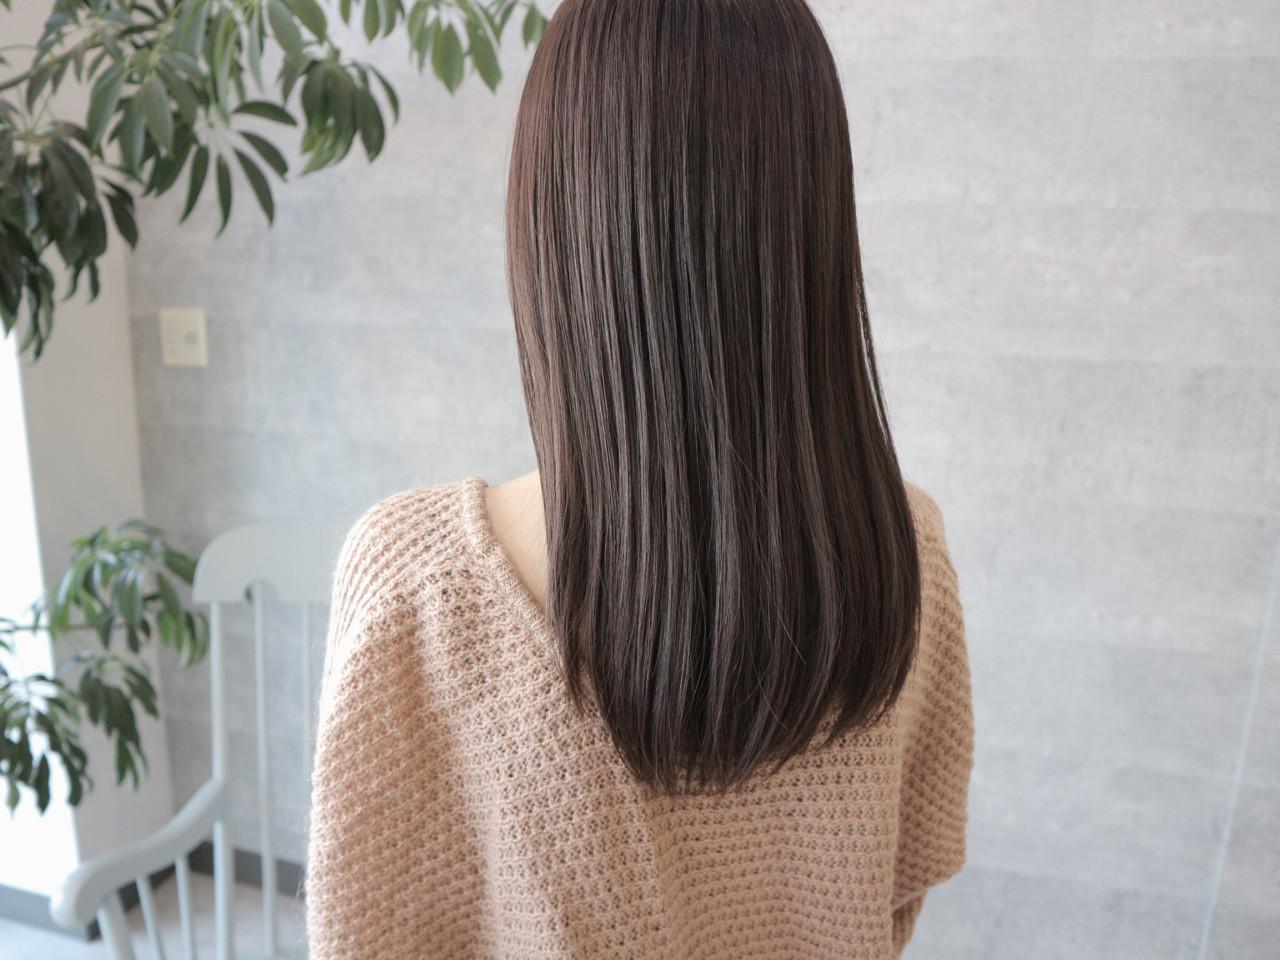 ヘアアレンジ オフィス ナチュラル グレージュ ヘアスタイルや髪型の写真・画像 | 桑村亮太/CALIF hair store / 函館/CALIF hair store/キャリフ ヘアストア